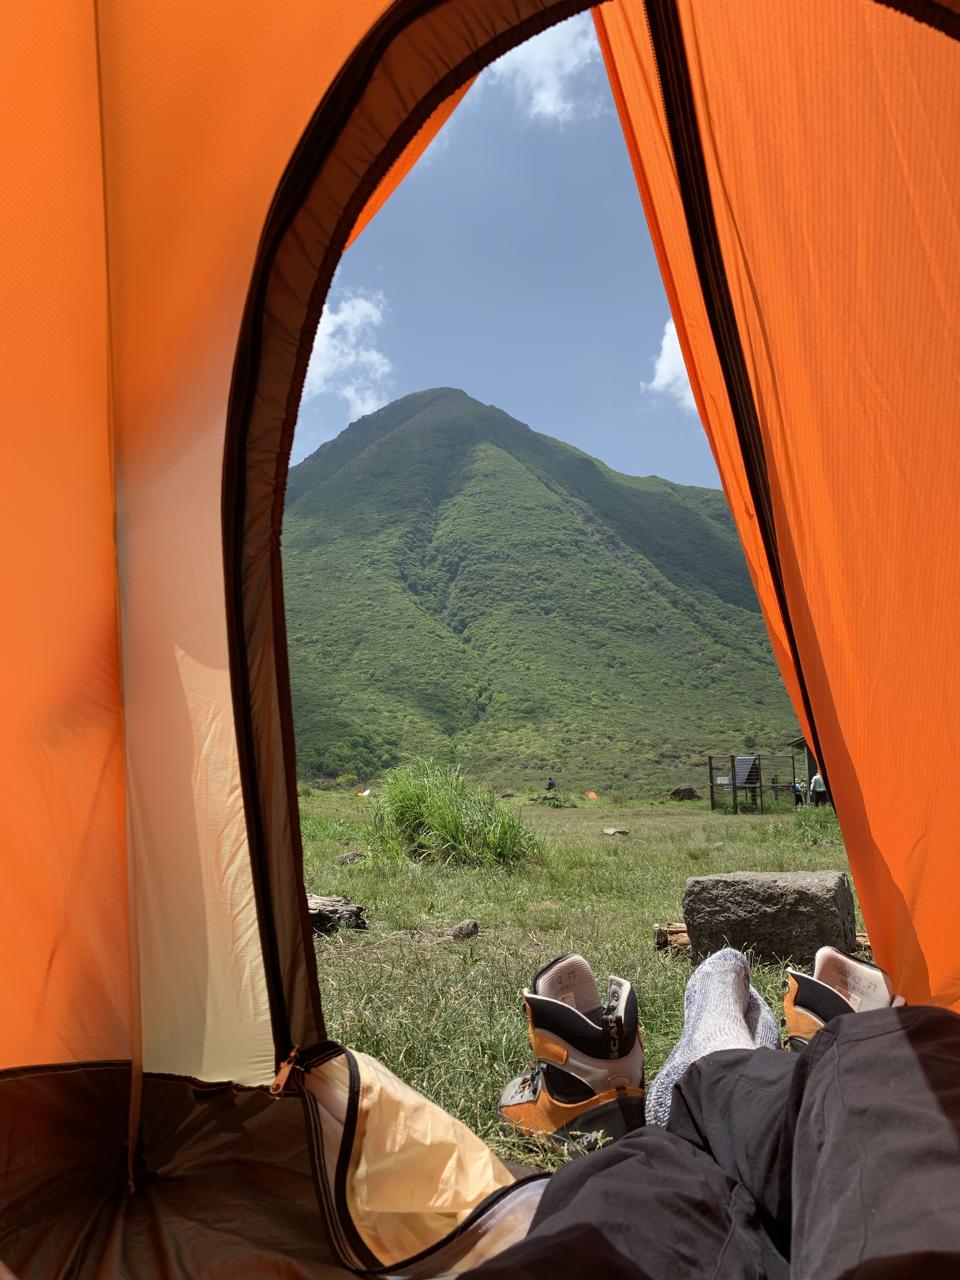 テントから見上げる山